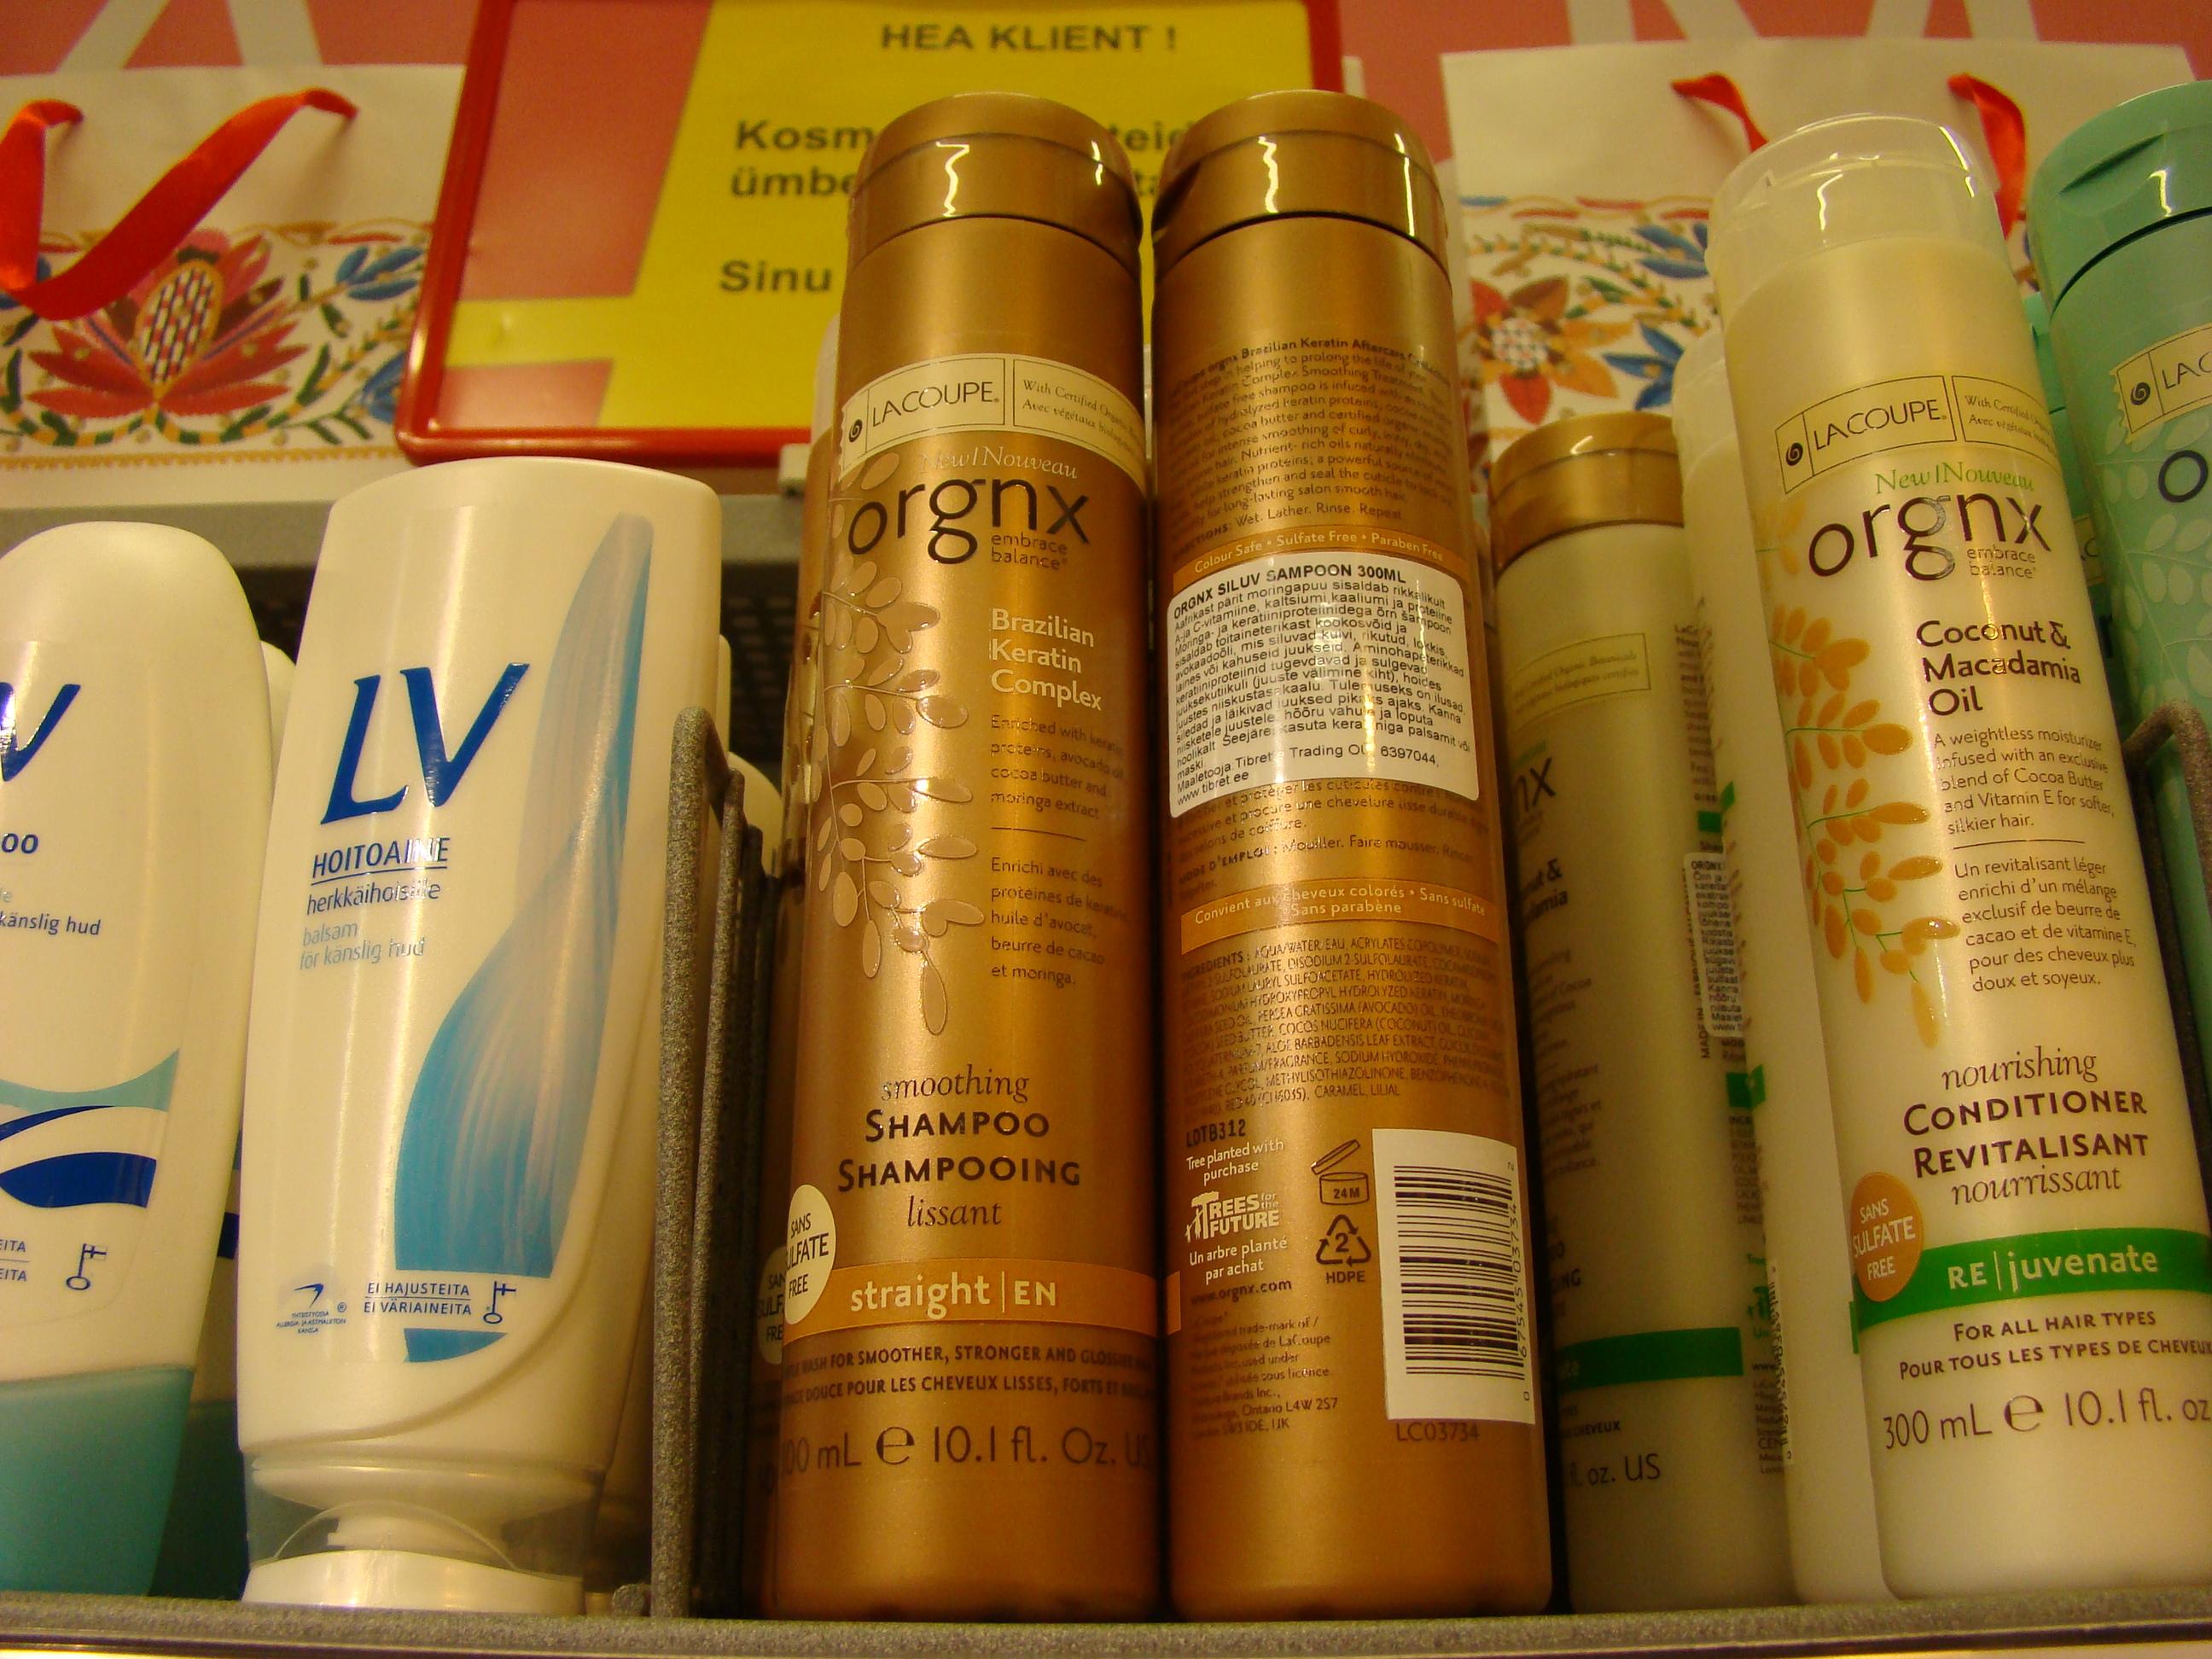 La Coupe Orgnx šampoonid